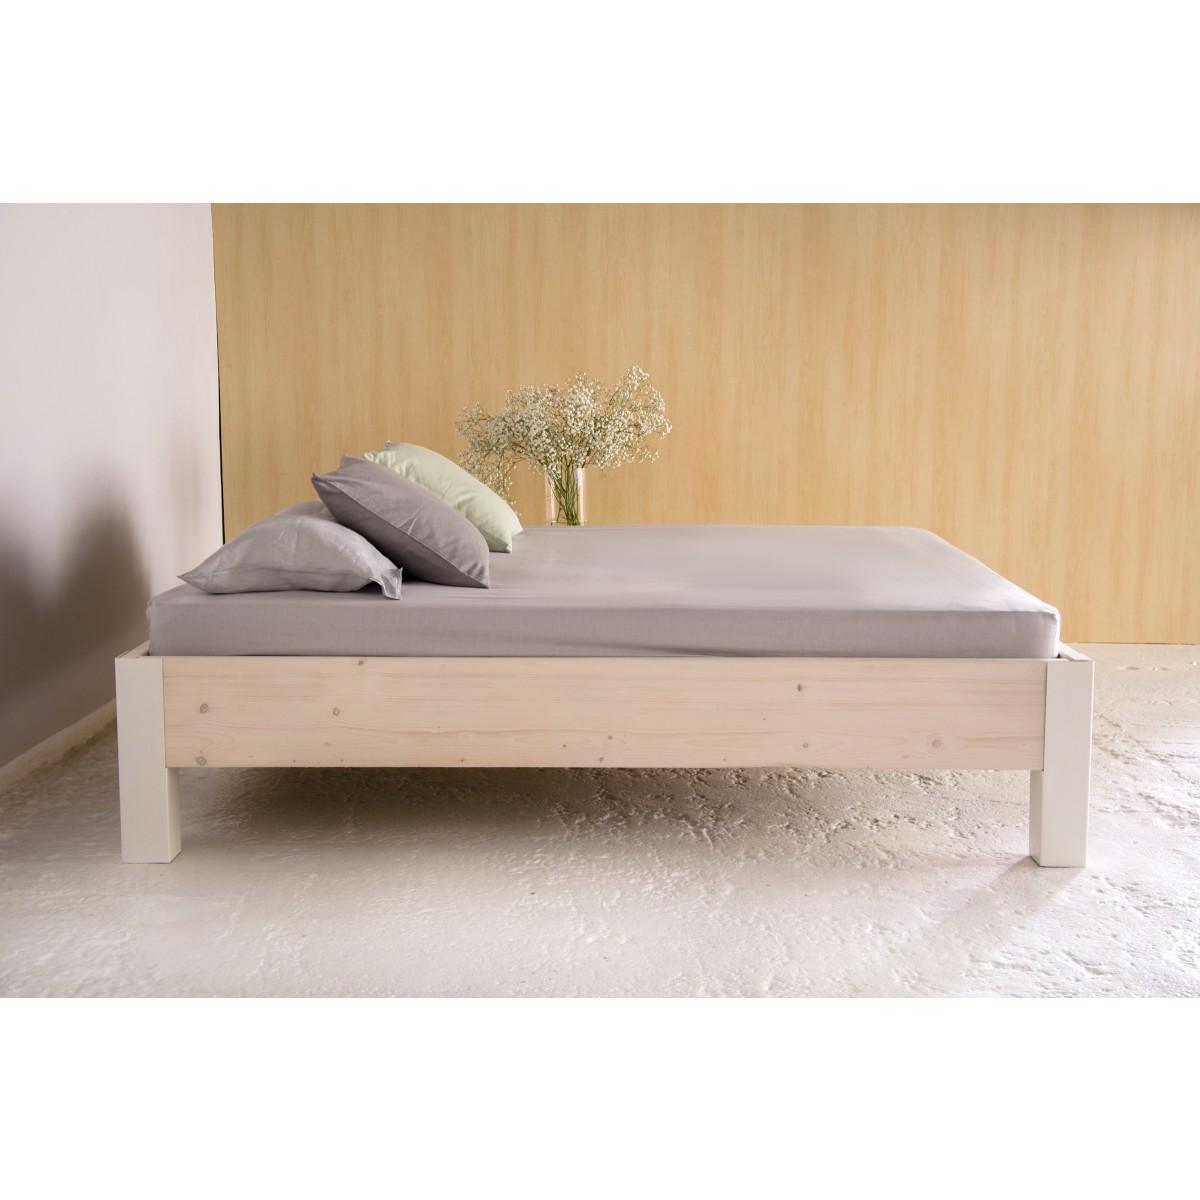 JOHANENLIES | Industrial Bett aus Bauholz & Eisen PITERNET